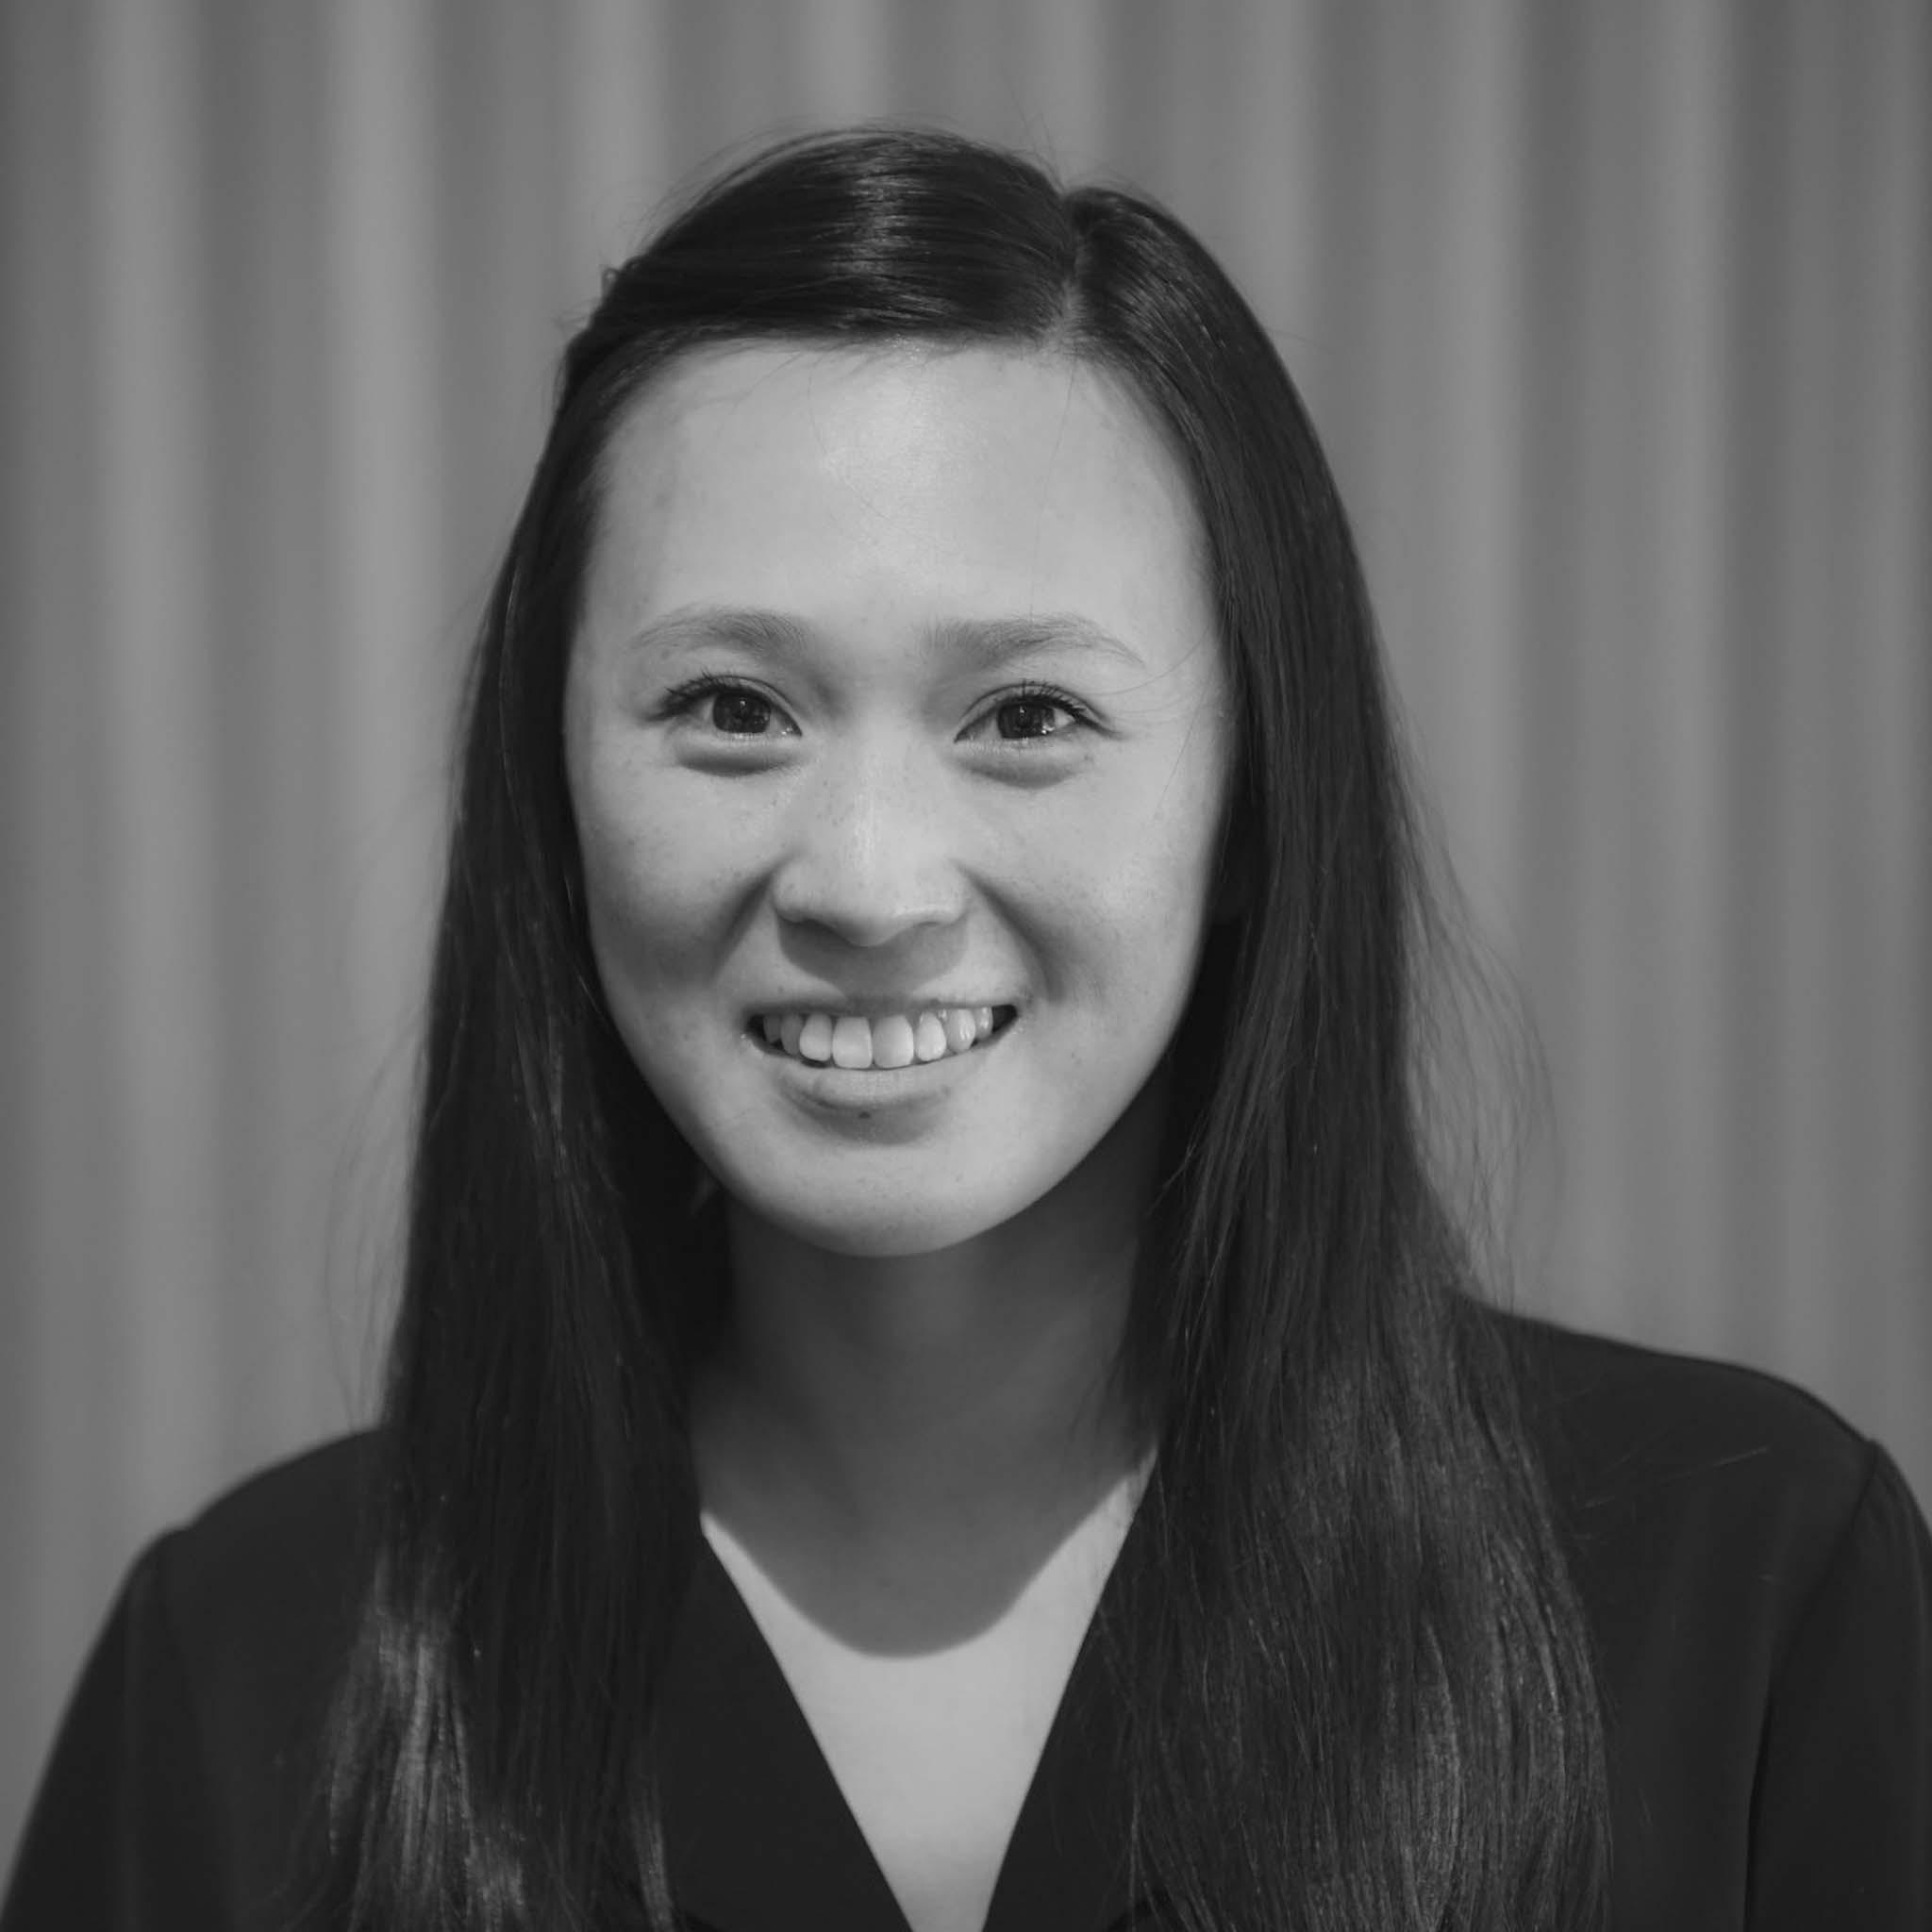 Elizabeth Chong